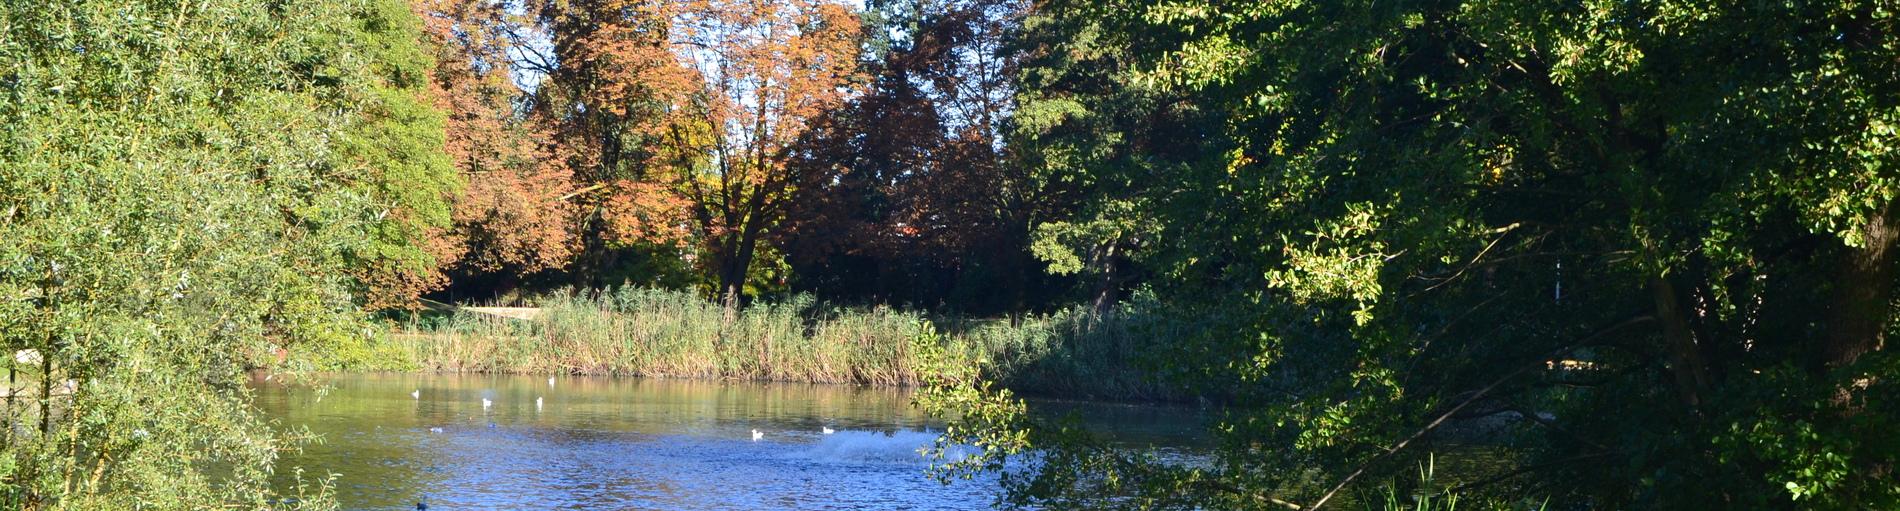 Der See im Waller Park. (Foto: WFB / bremen.online - VK)